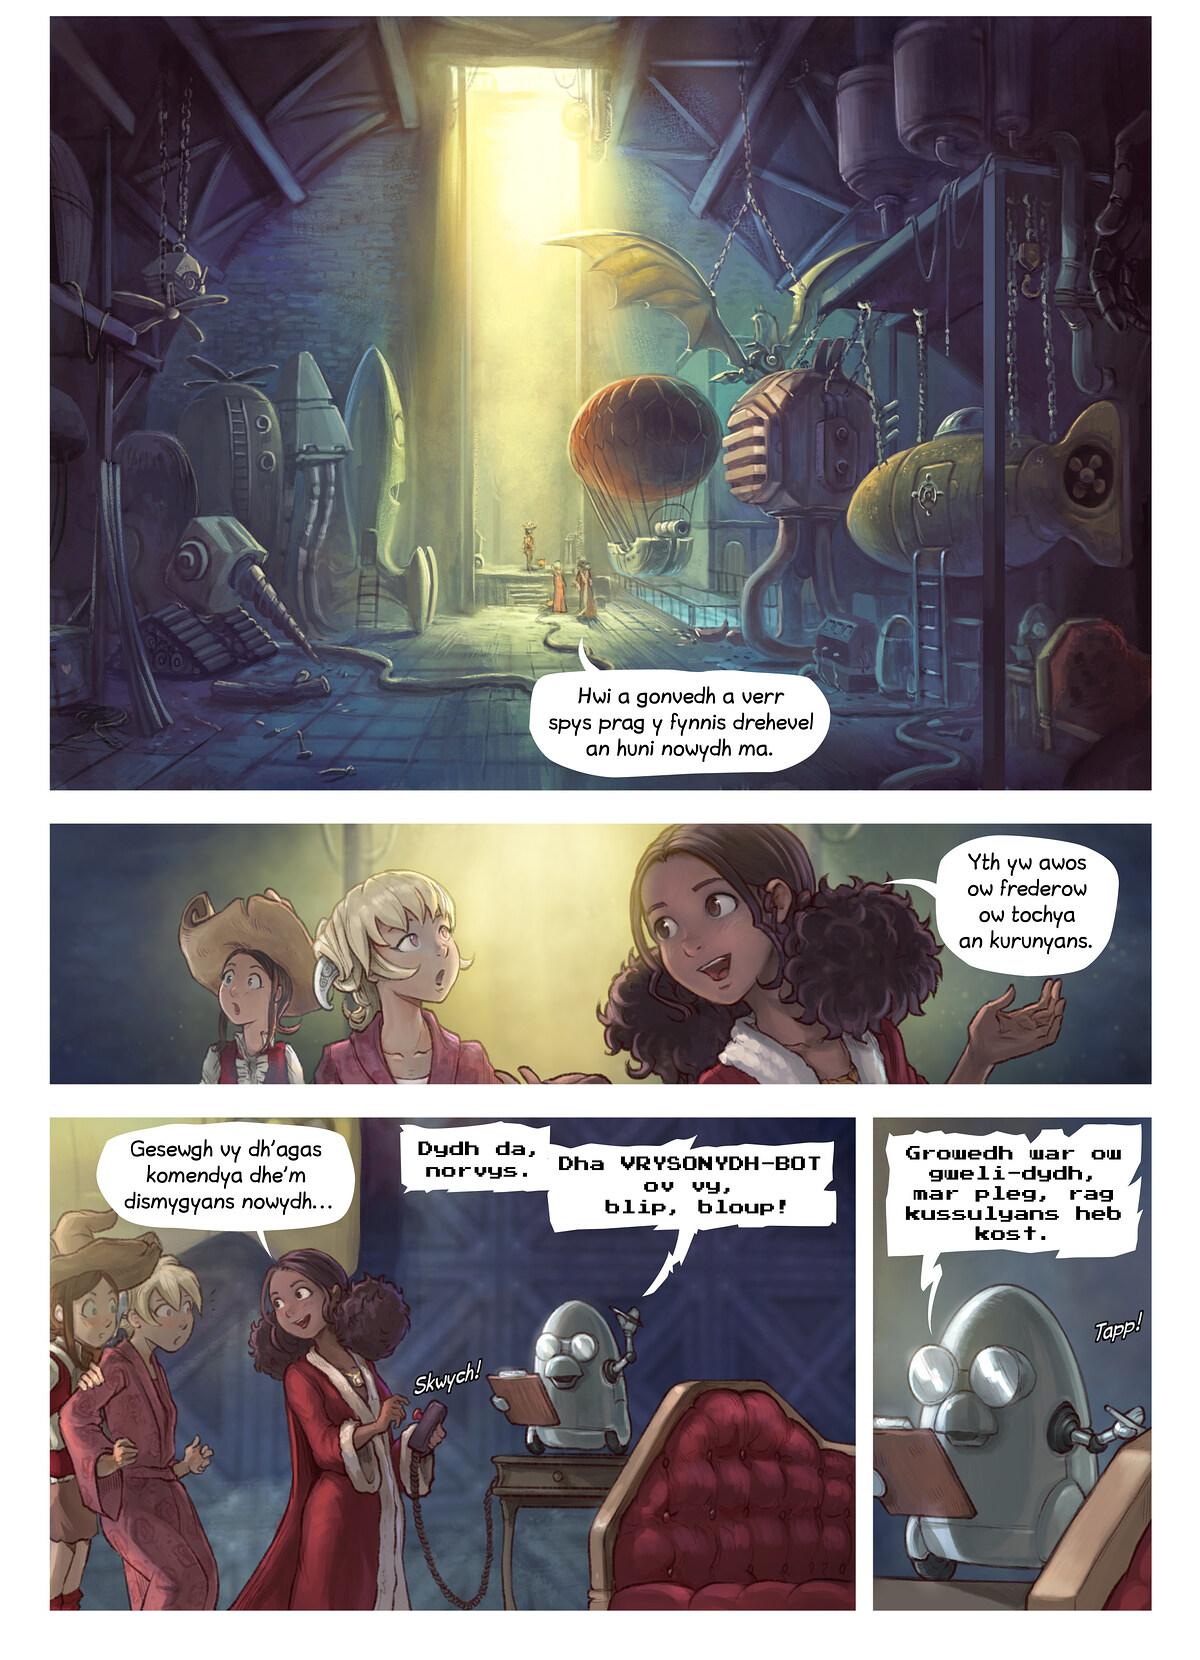 Rann 27: Dismygyans Coriander, Page 3